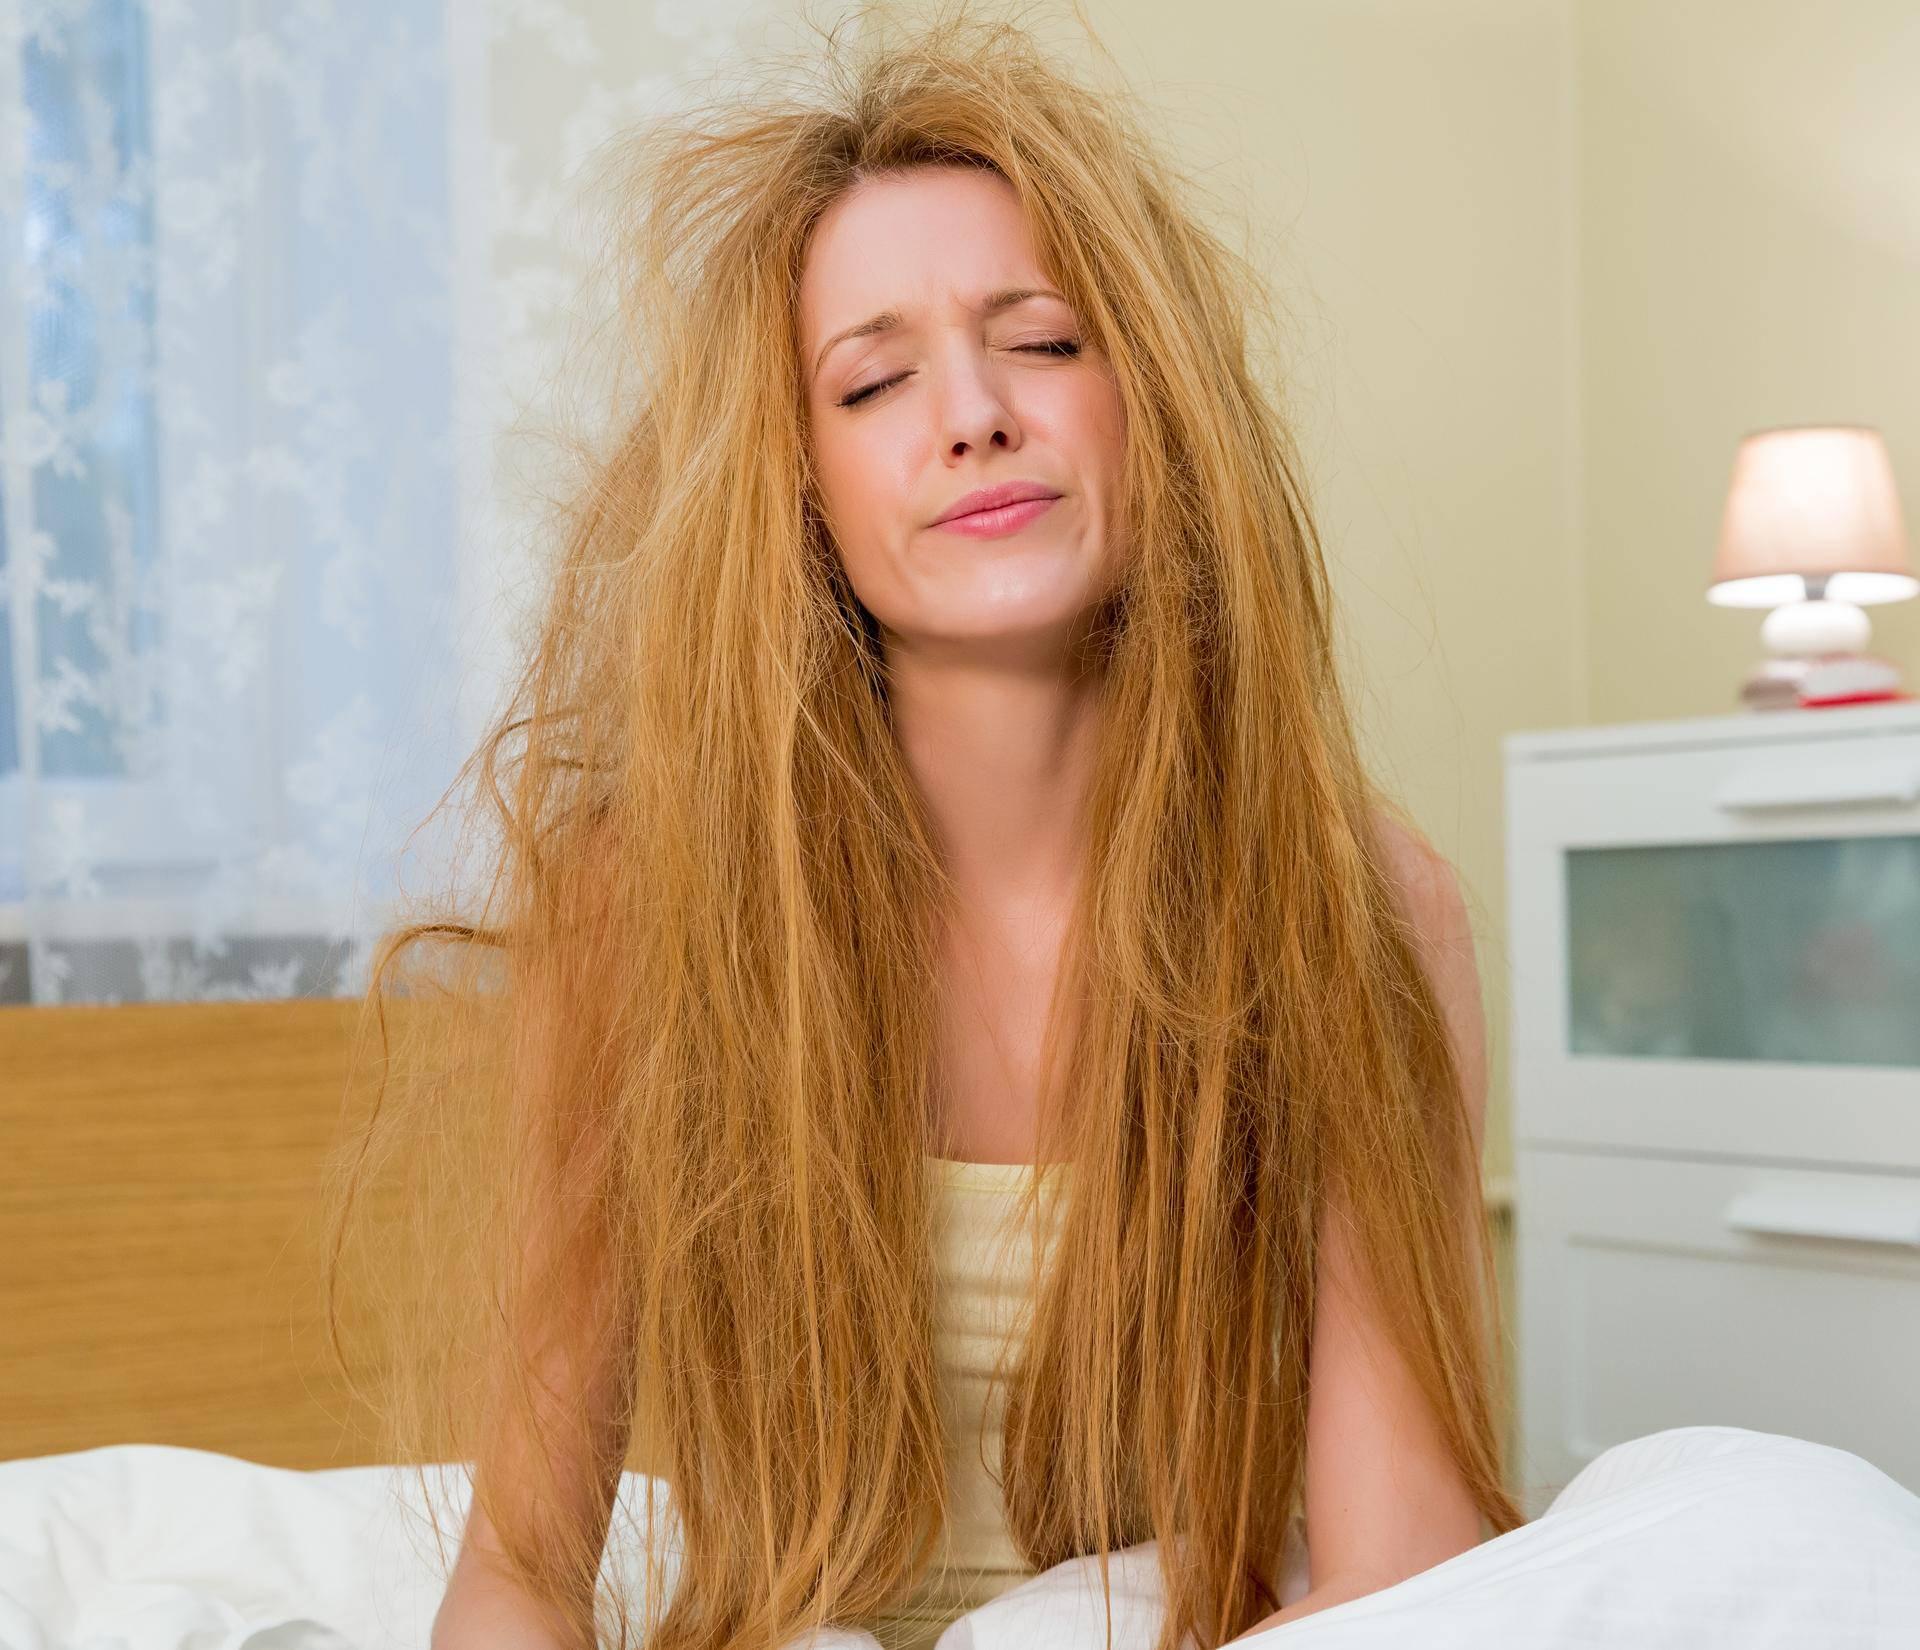 Stilisti kažu da svi u njezi kose griješe 'slično', pa nemojte i vi